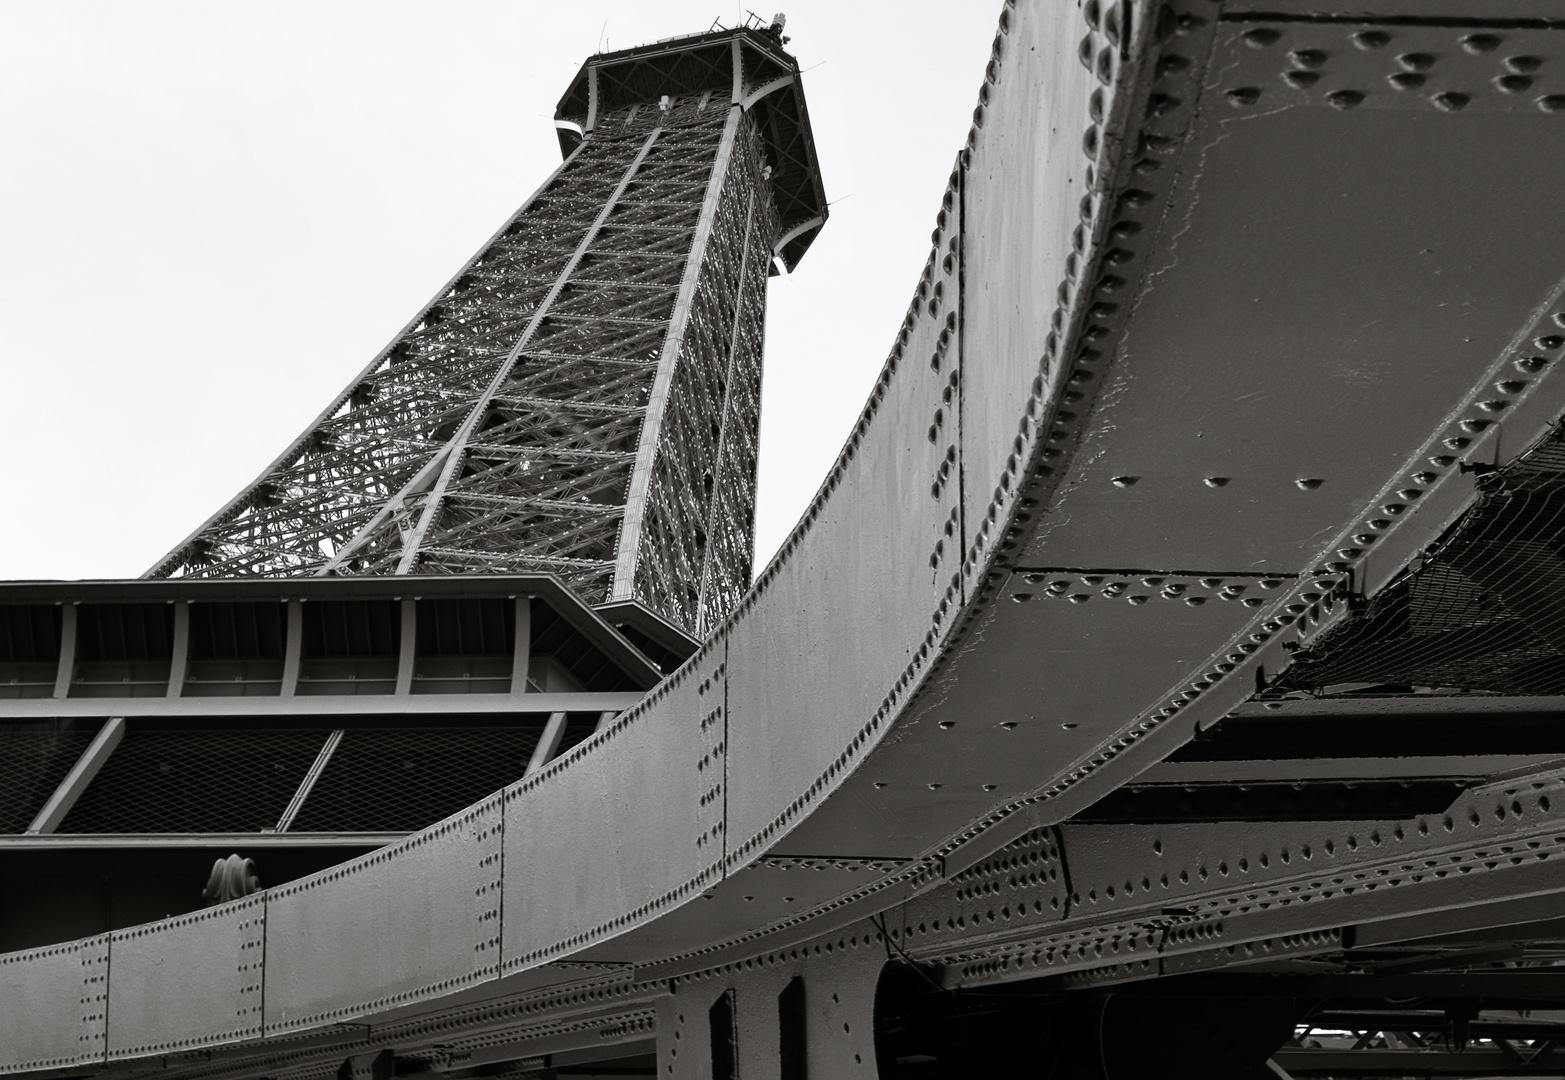 Tour Eiffel No. 2